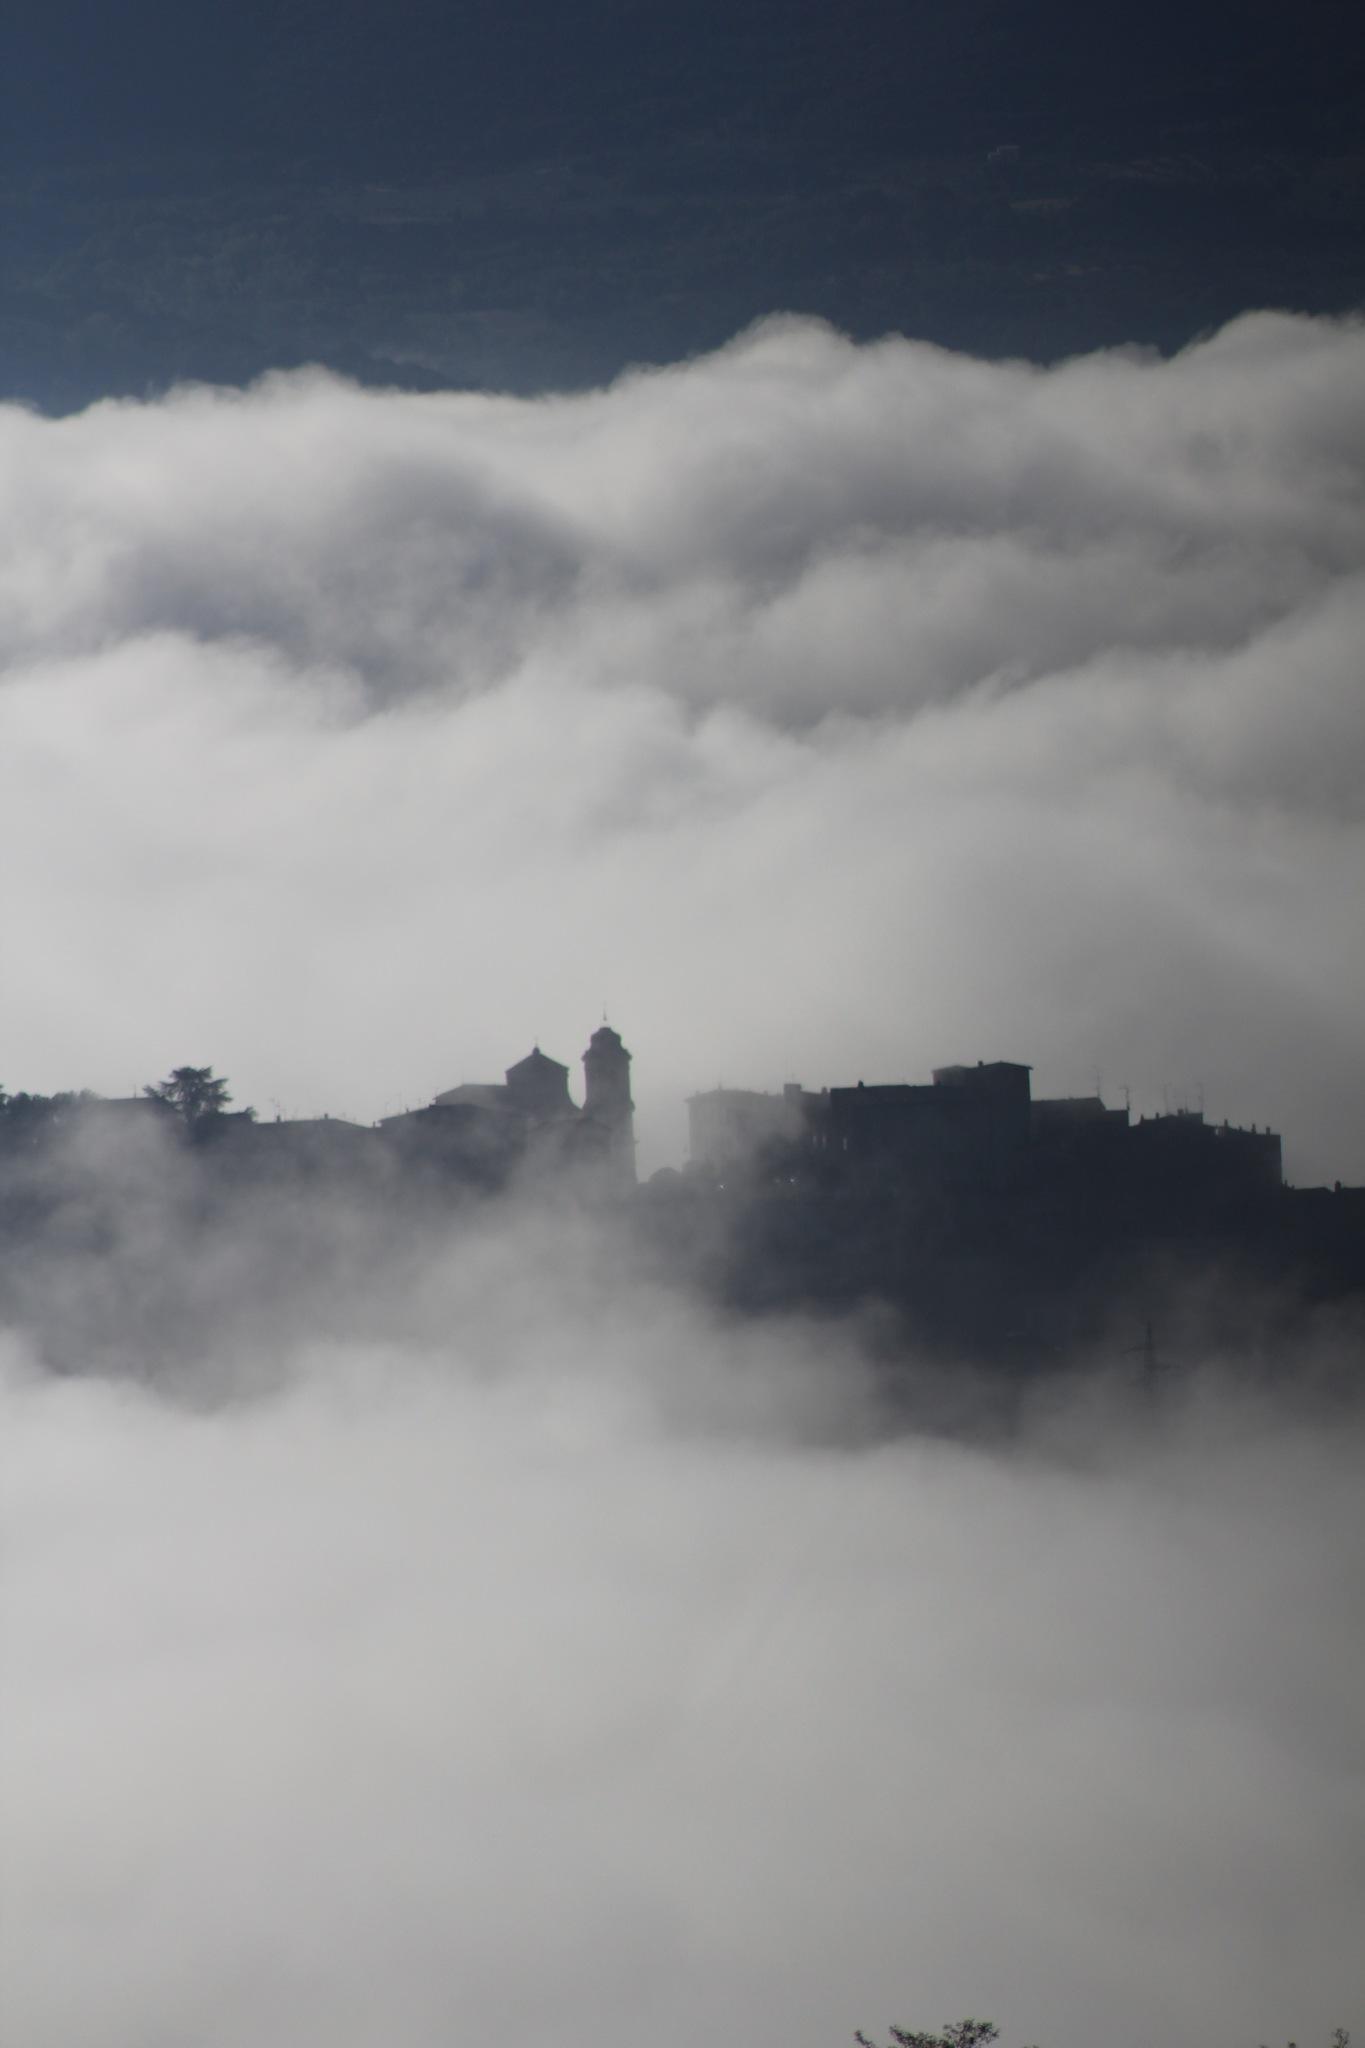 Ma ville dans les nuages by zaza54